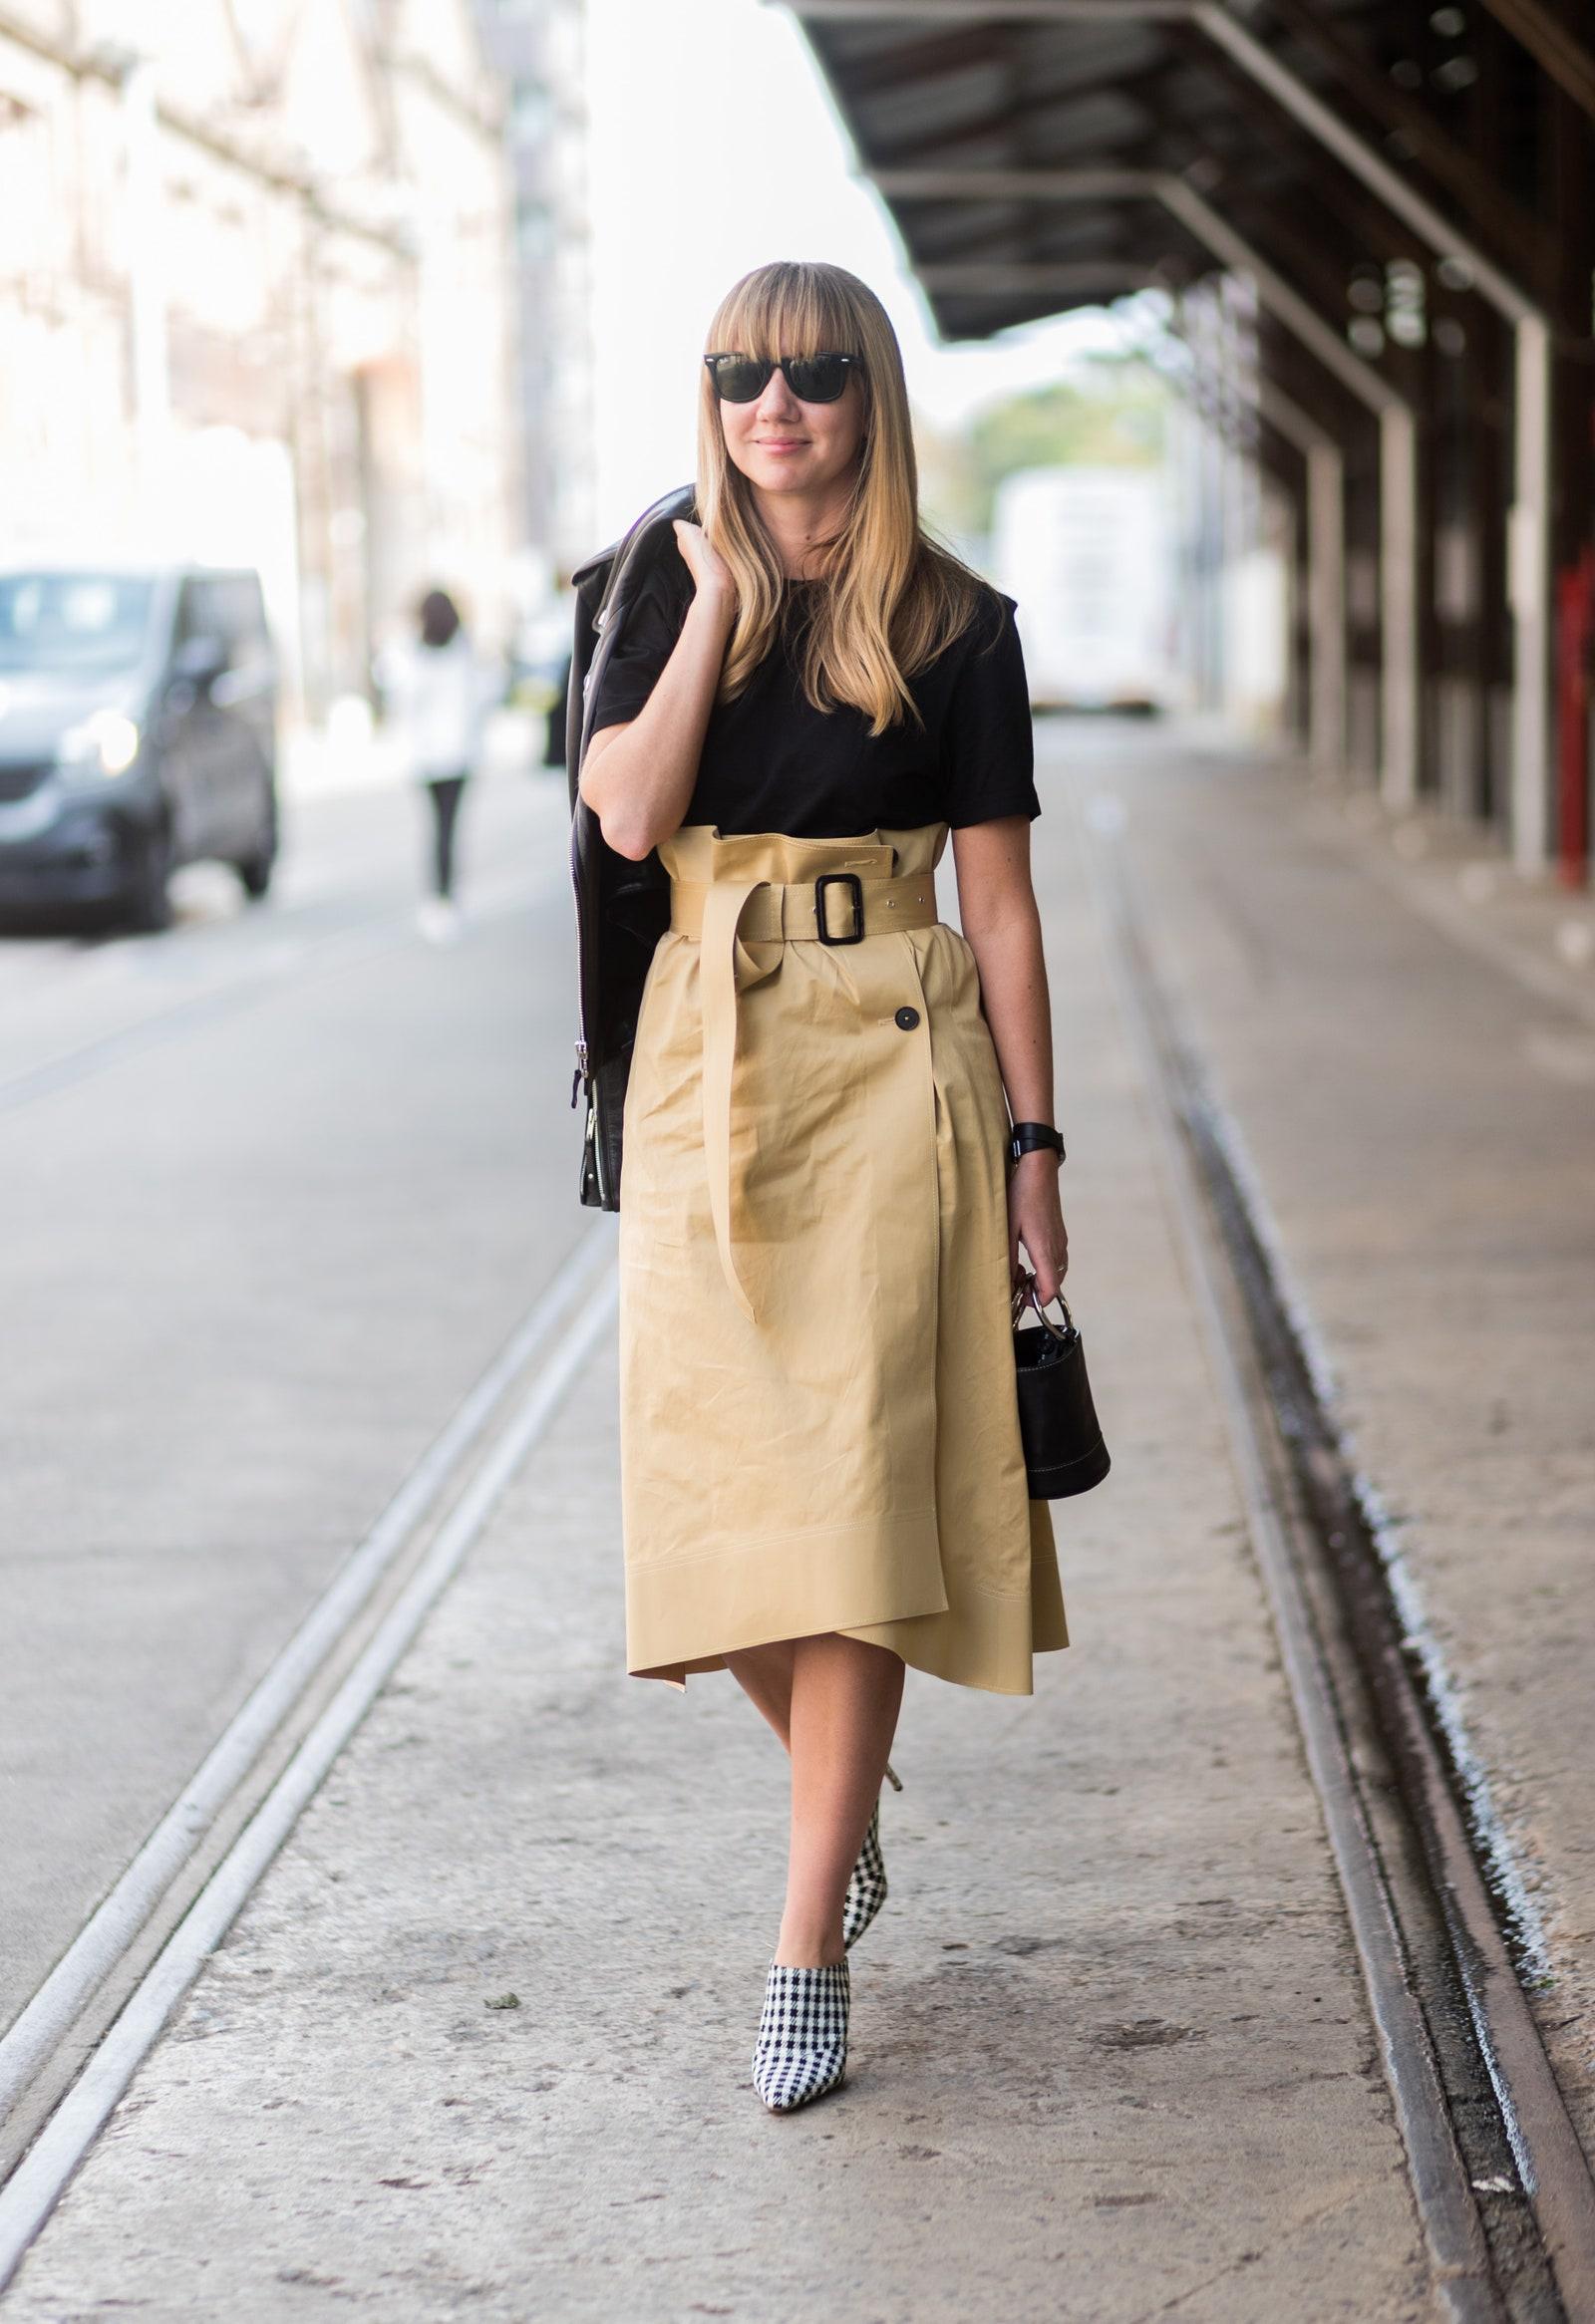 Inšpirácia na letný outfit so sukňou.